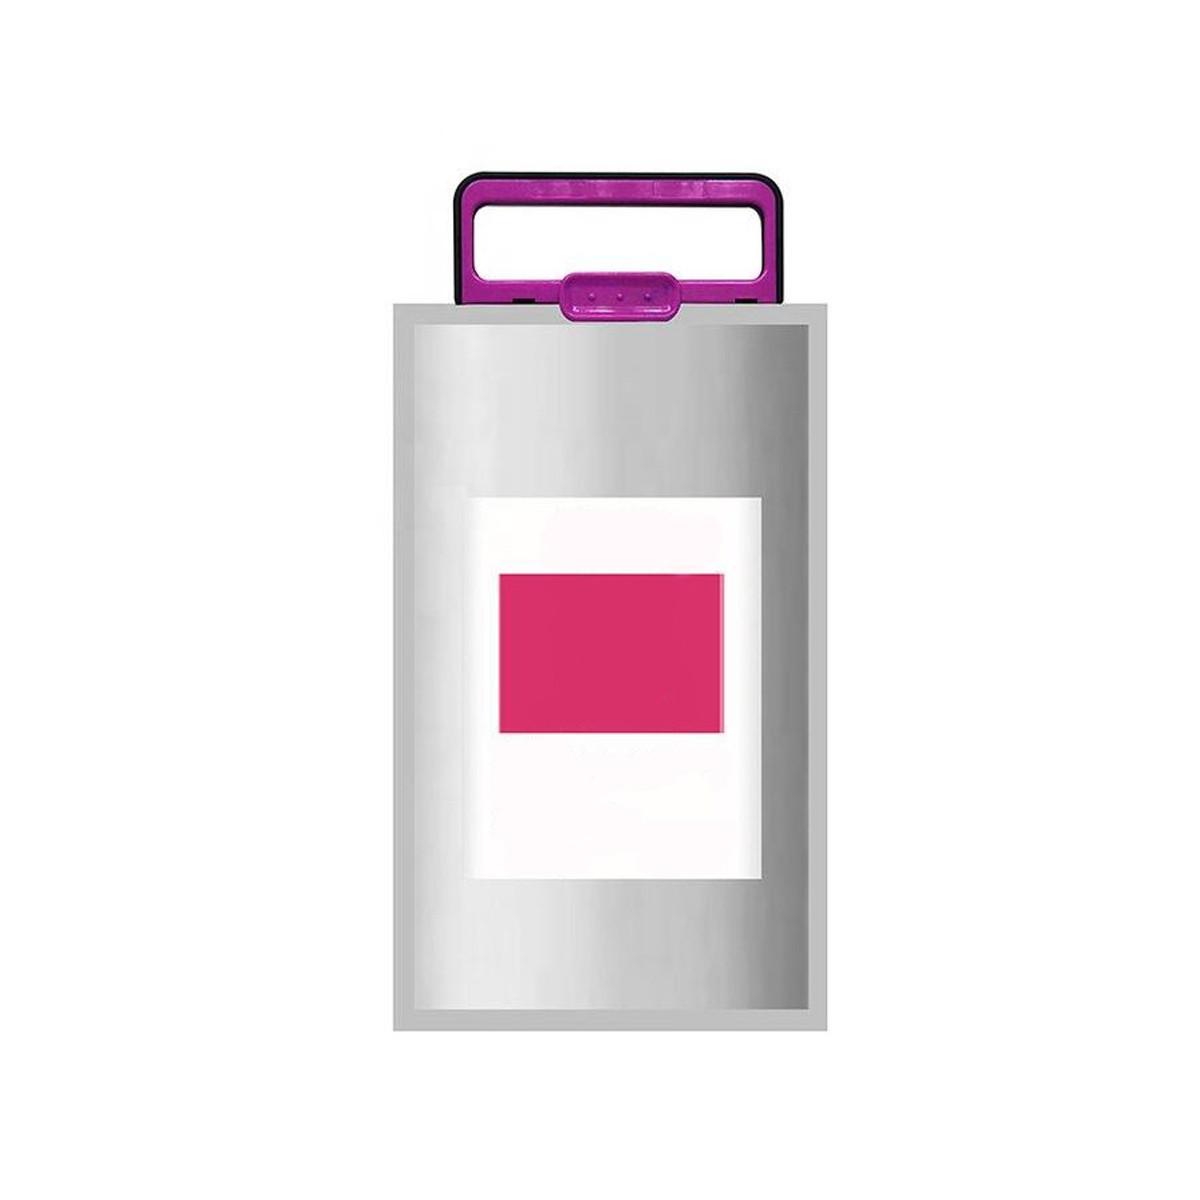 Tinta Compatível com Epson Ink Bag Magenta   WF-C869 WF-C860   22k